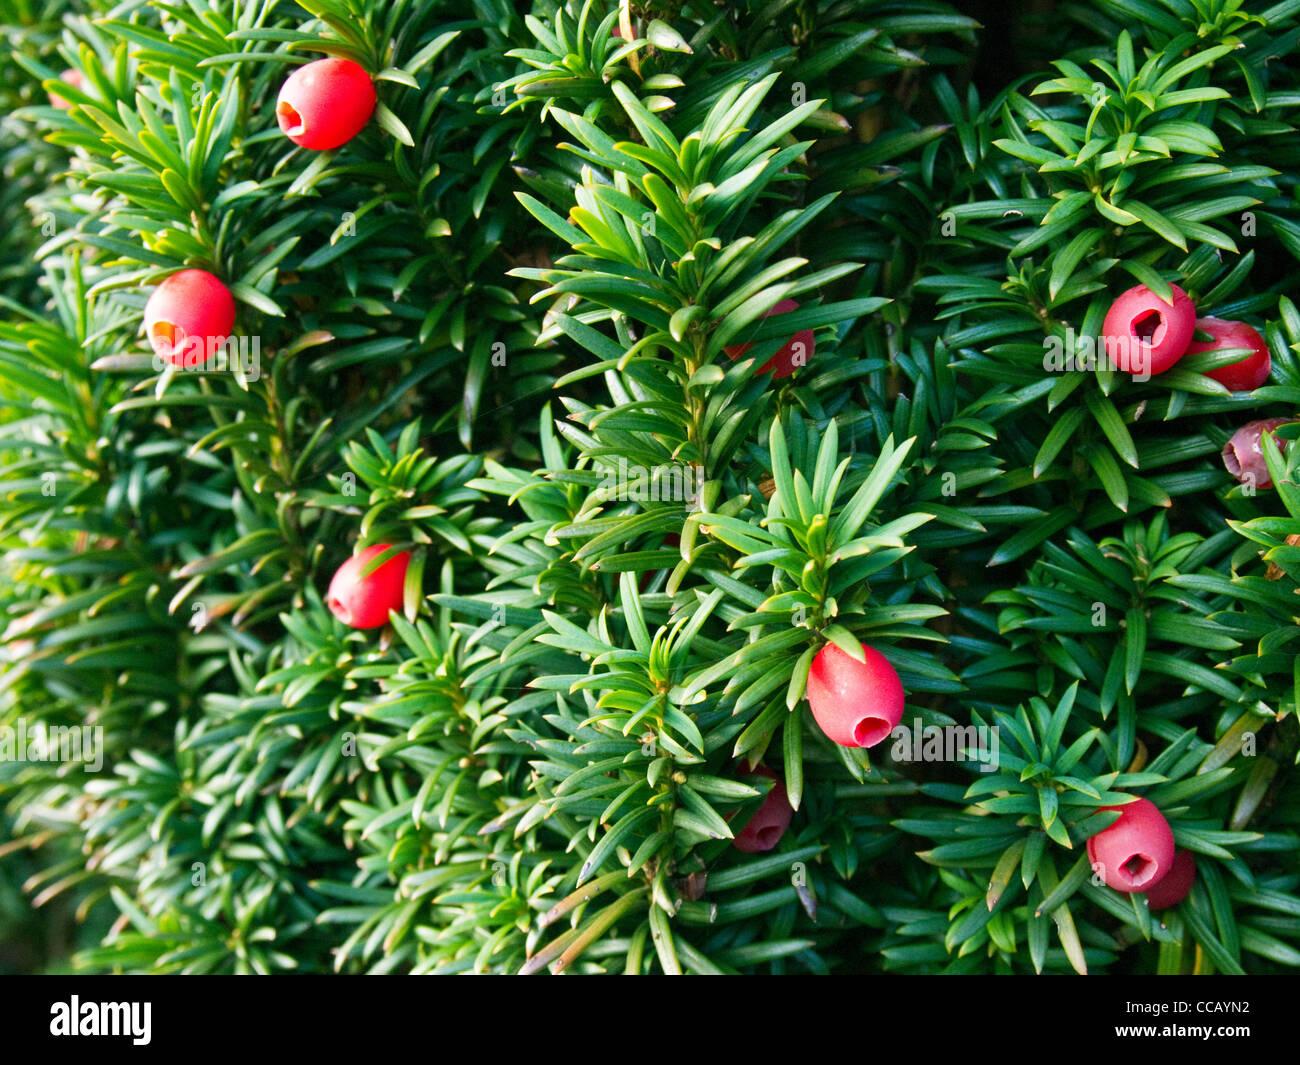 Red berries of the Irish Yew tree Stock Photo